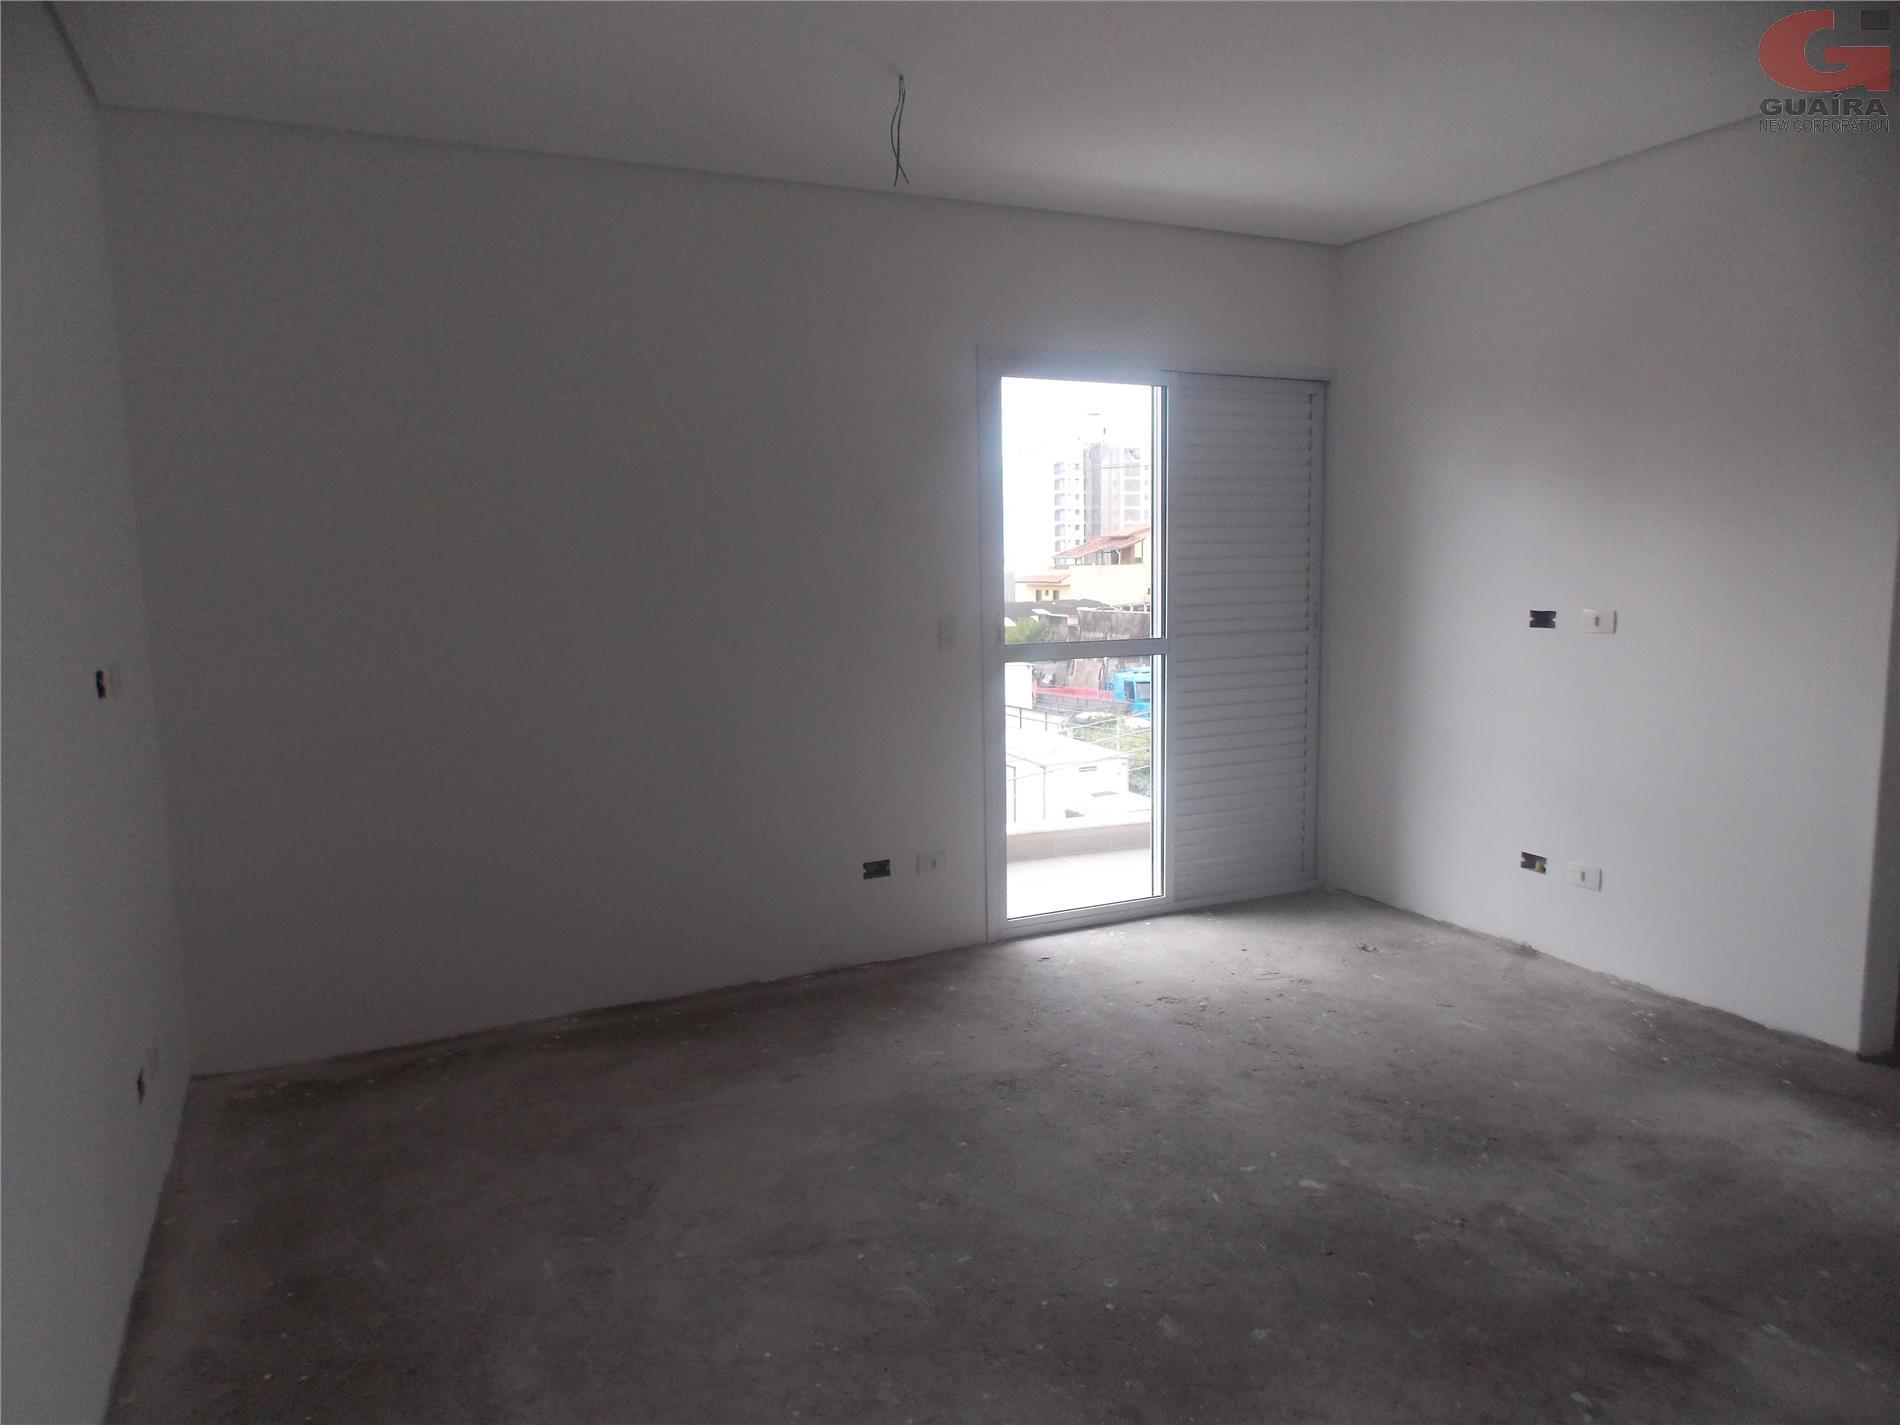 Sobrado de 3 dormitórios em Vila Lusitânia, São Bernardo Do Campo - SP